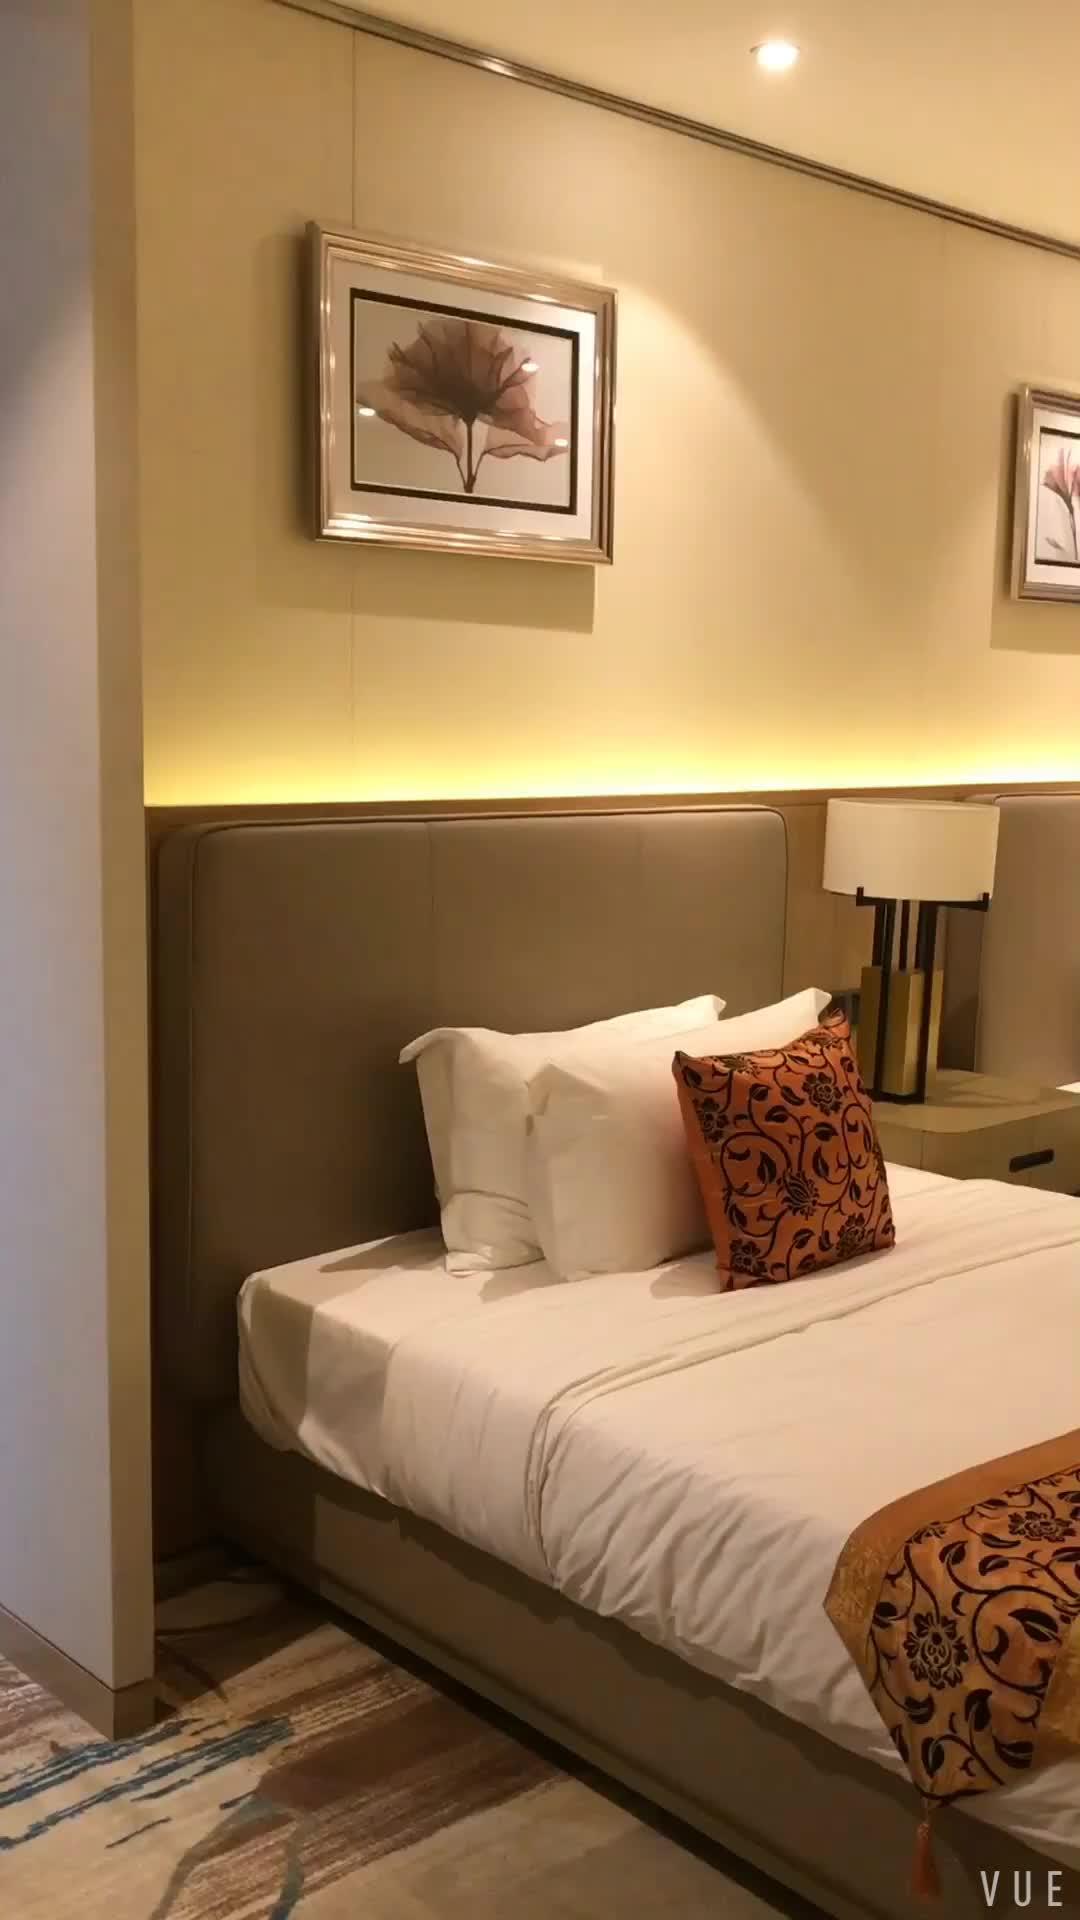 2019 professionelle hotel möbel herstellung vier jahreszeiten